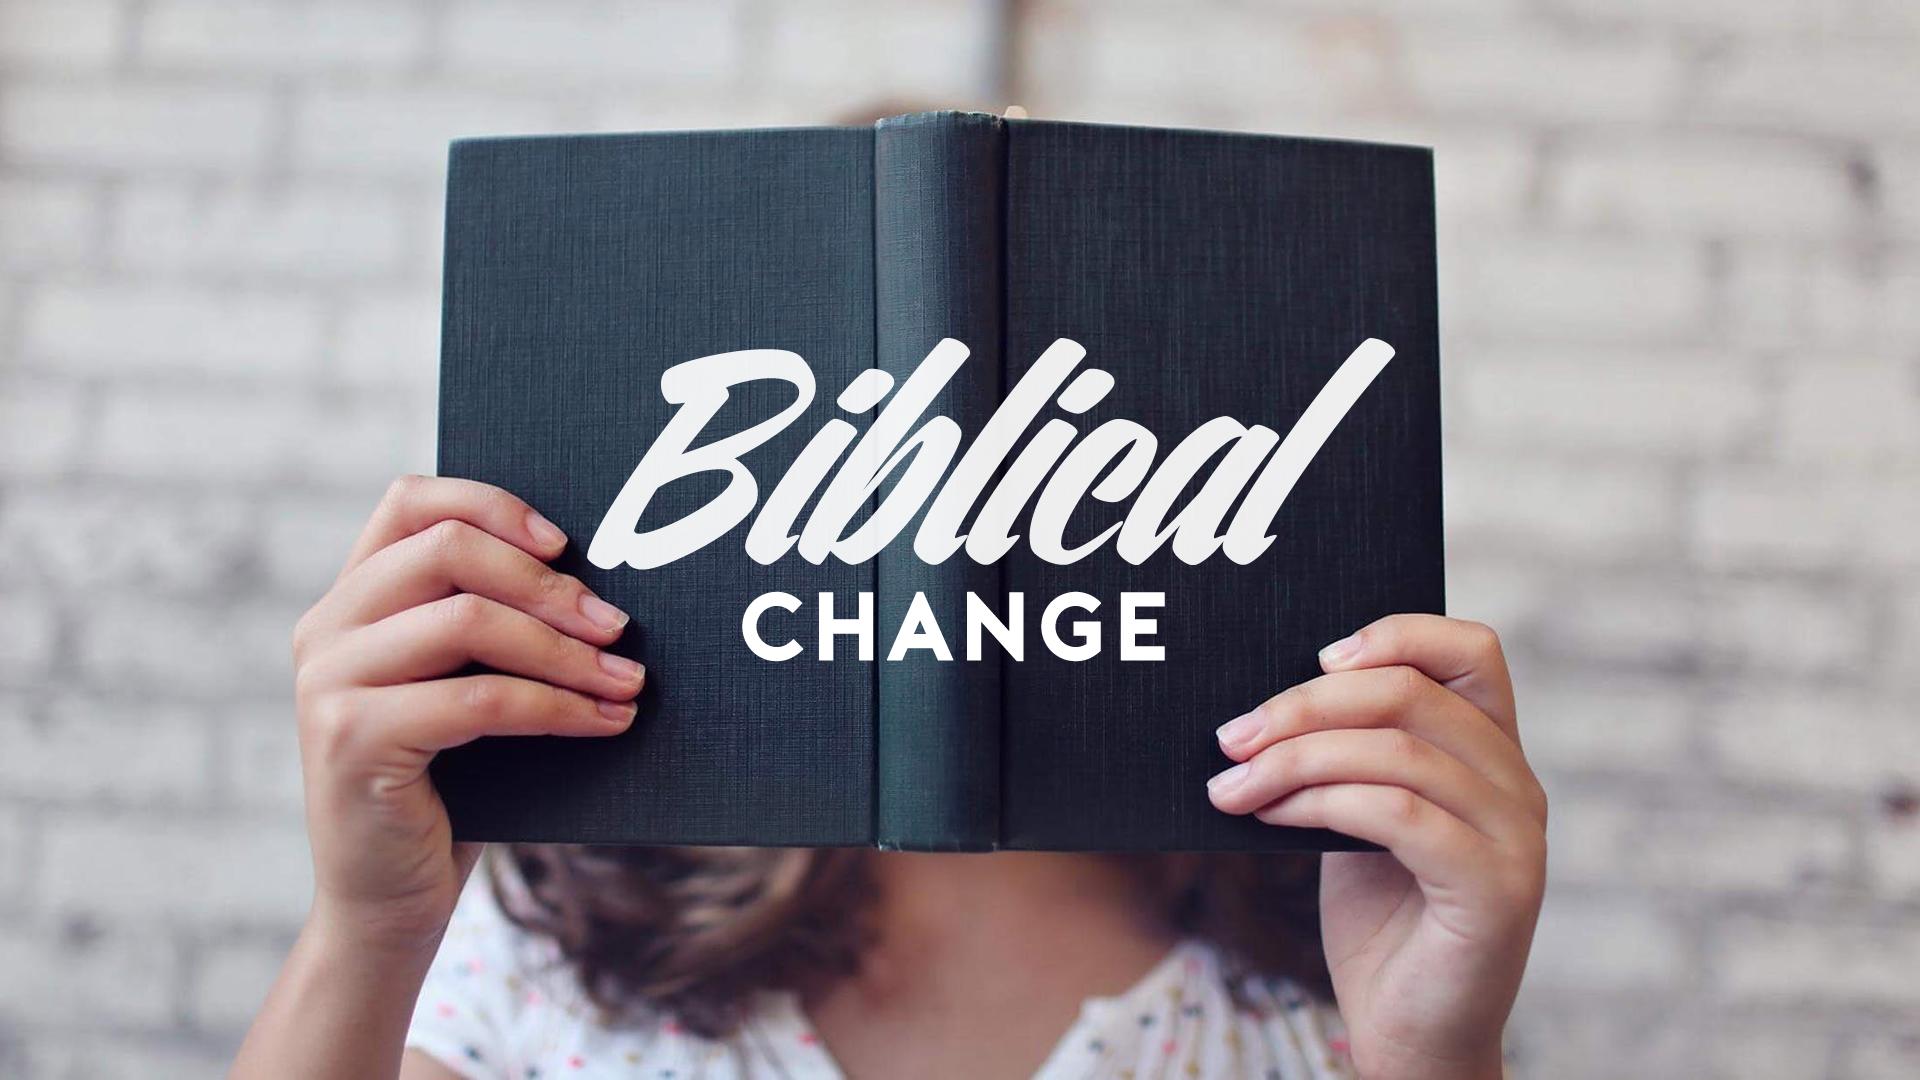 Biblical Change.jpg